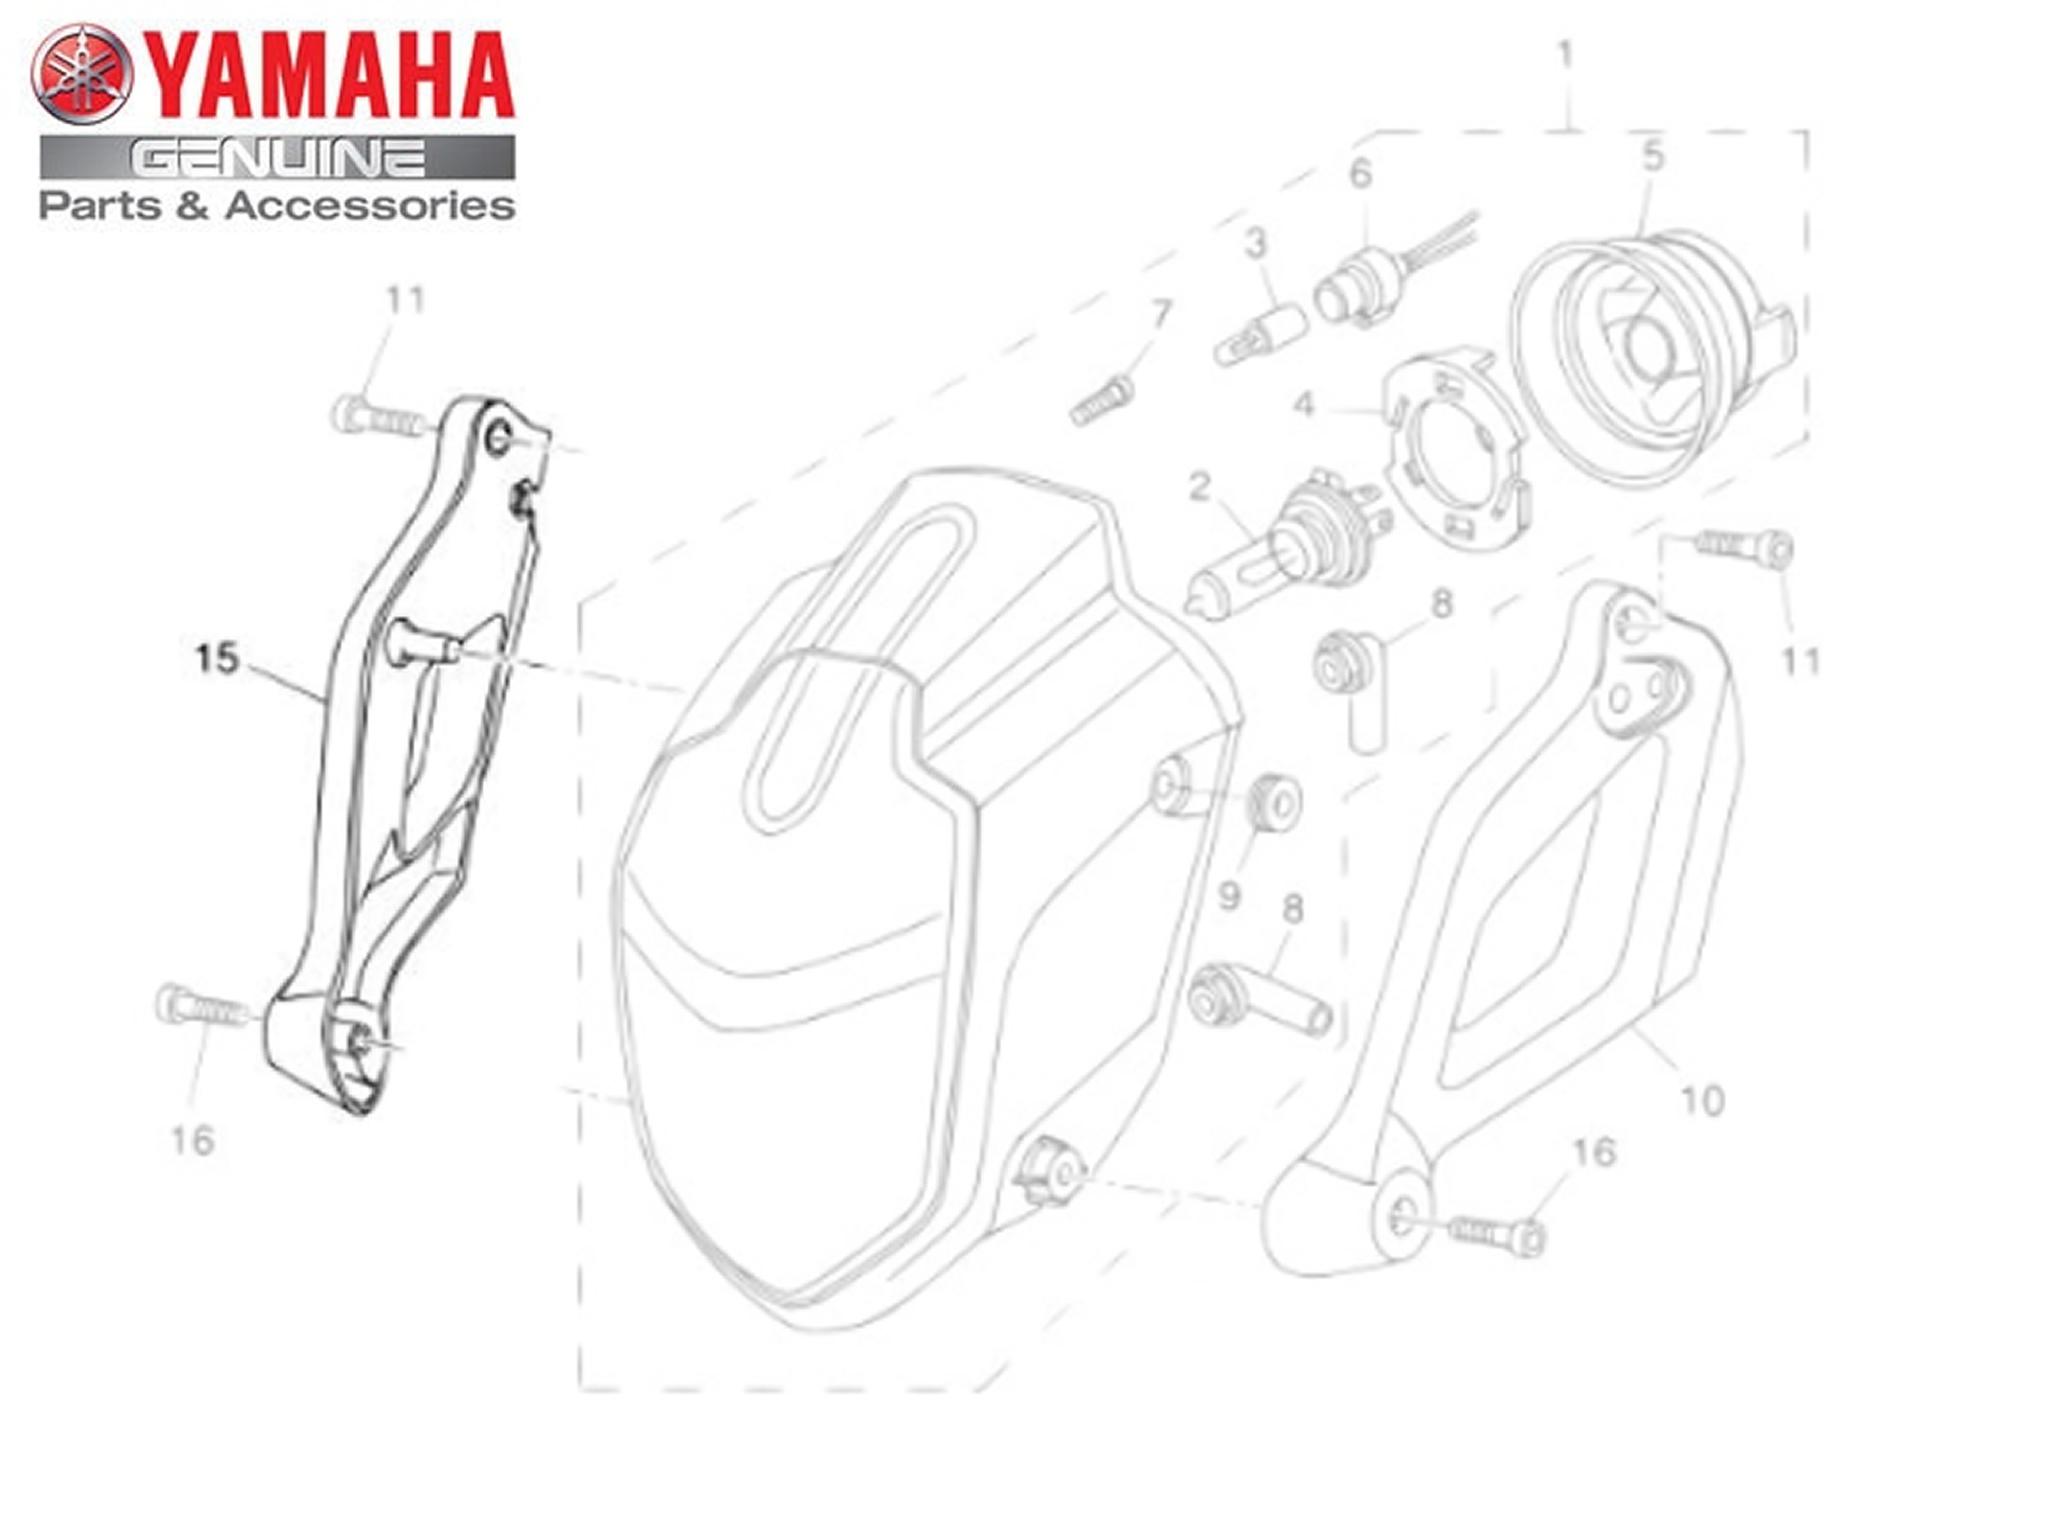 Suporte do Farol Dianteiro 2 para Yamaha MT 03 Original